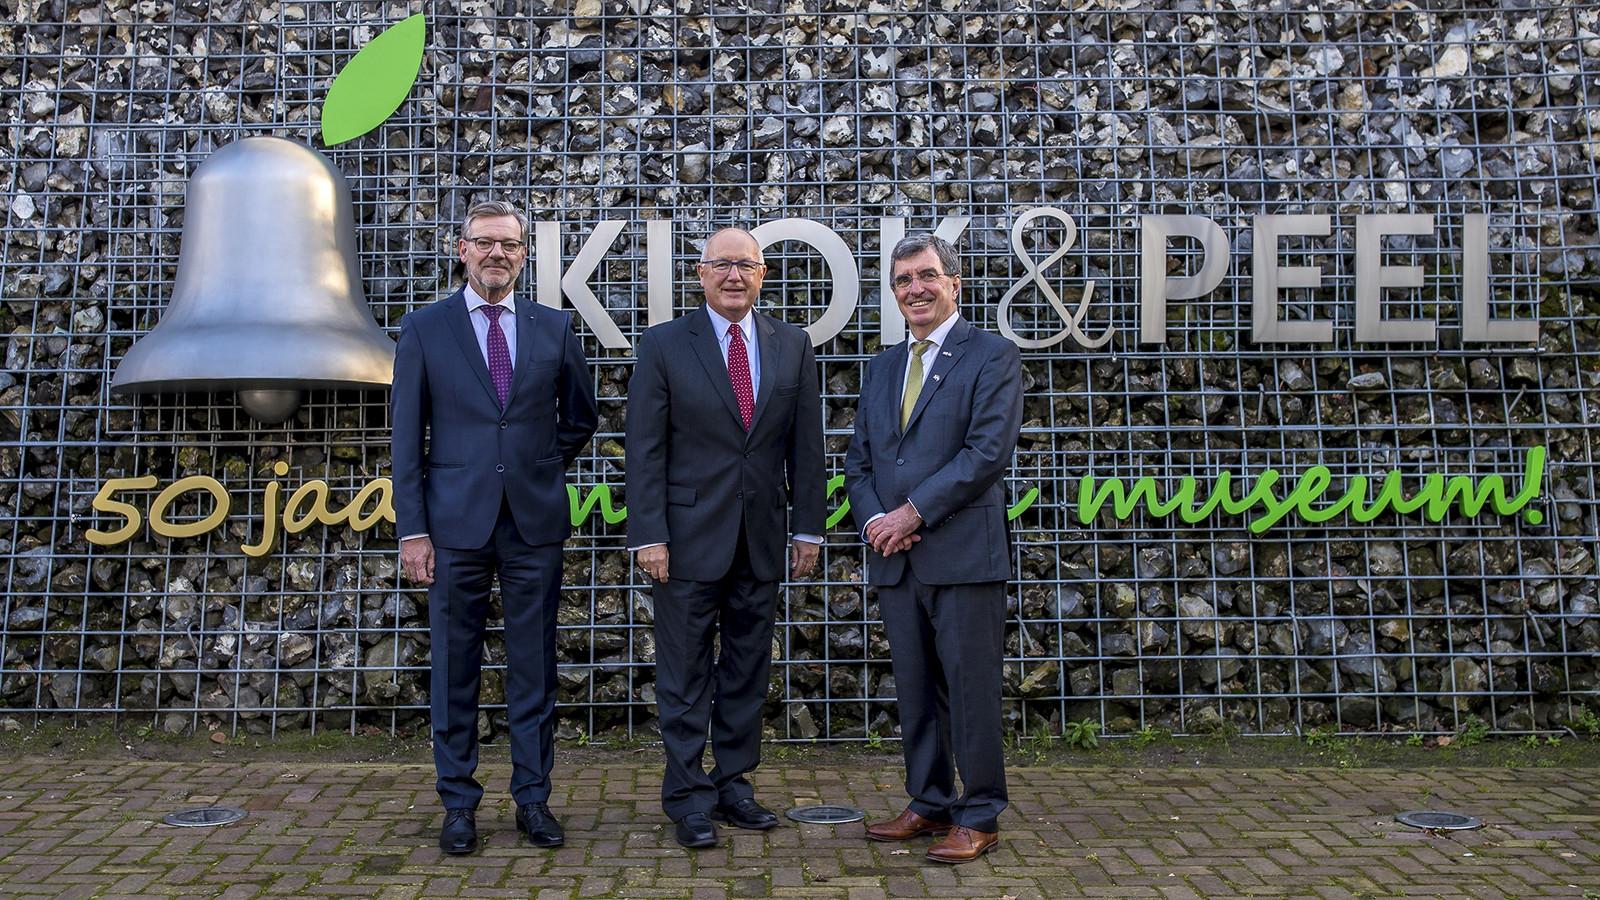 Vlnr: Directeur Joost Eijsbouts van de koninklijke klokkengieterij in Asten, VS-ambassadeur Pete Hoekstra en museumvoorzitter Harry van der Loo.